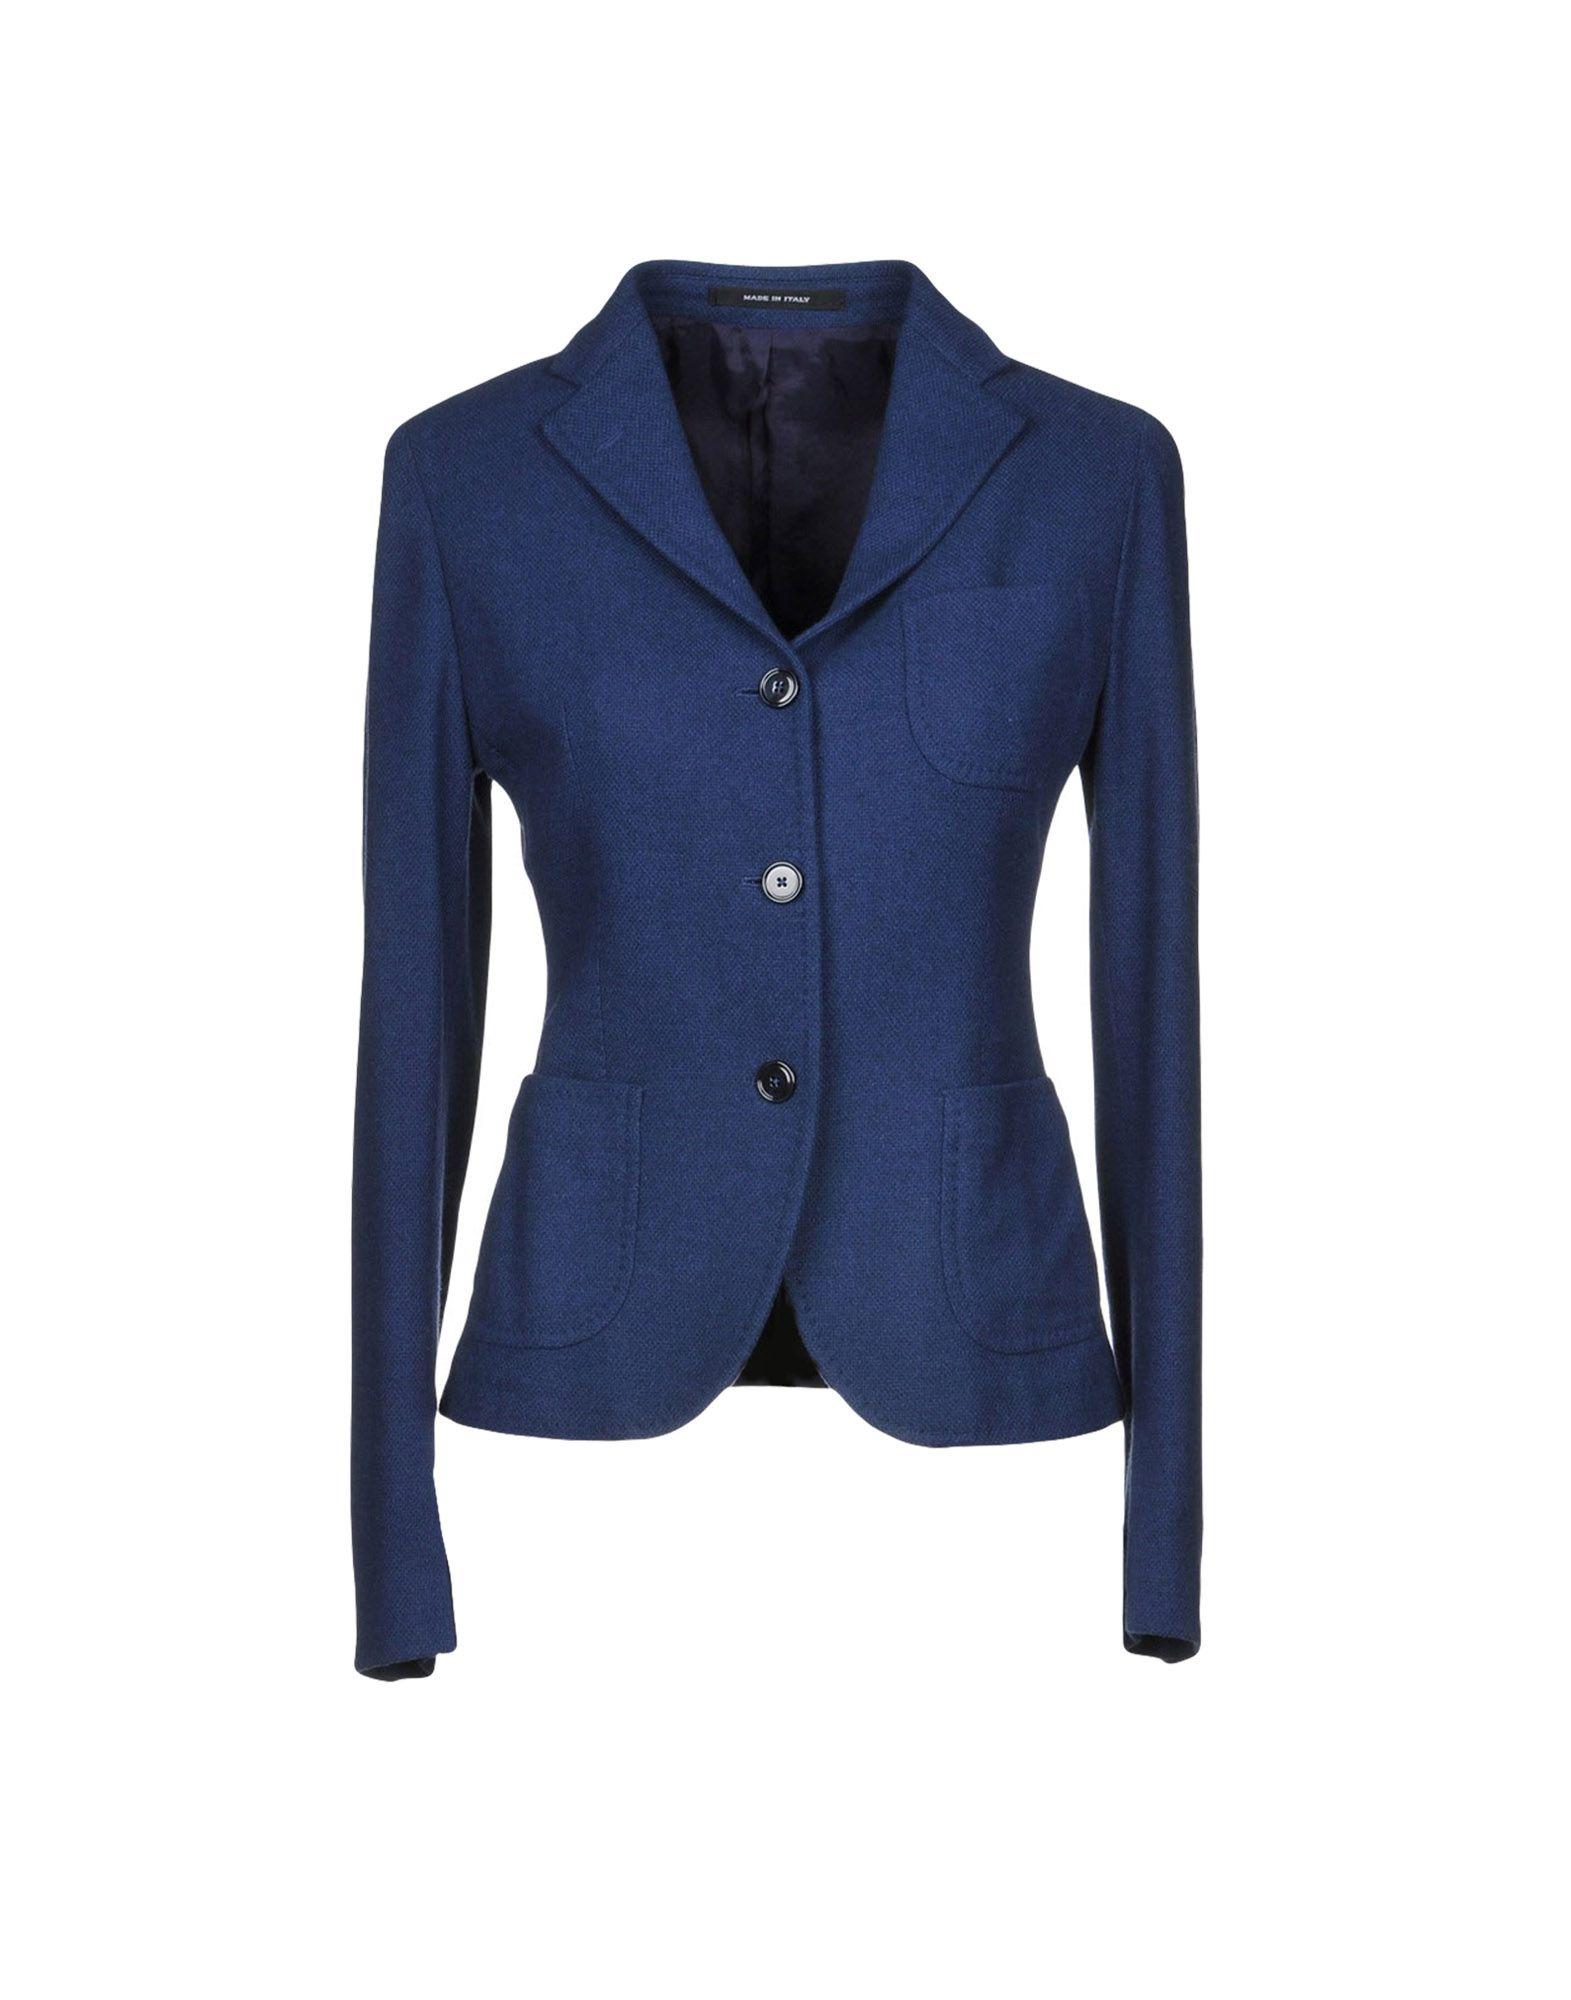 《送料無料》TAGLIATORE 02-05 レディース テーラードジャケット ブルー 40 バージンウール 45% / コットン 45% / ナイロン 10%